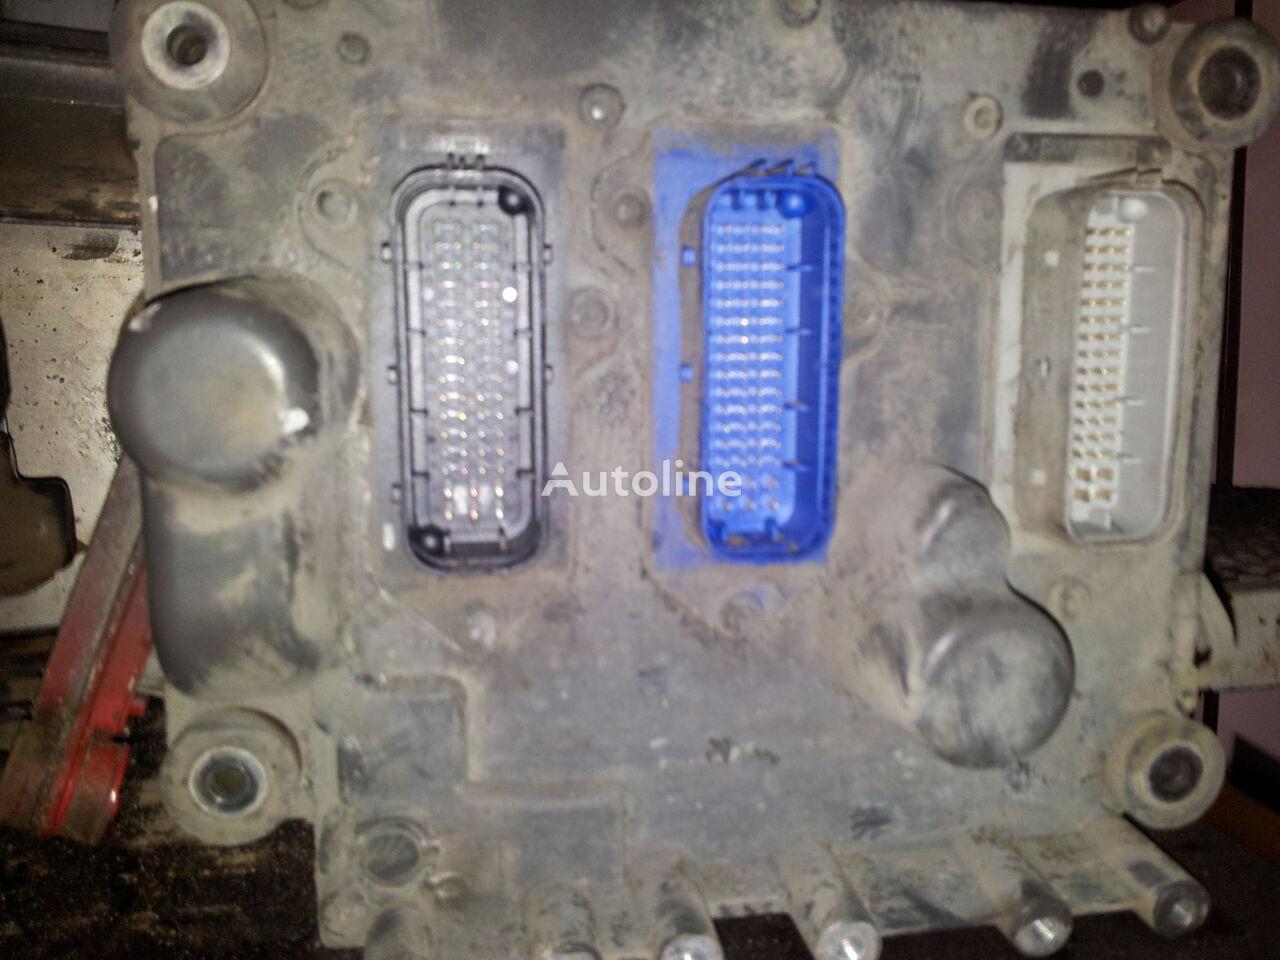 DAF EURO5 electronic control unit ECU EDC engine managment, en besturingseenheid voor DAF 105XF trekker